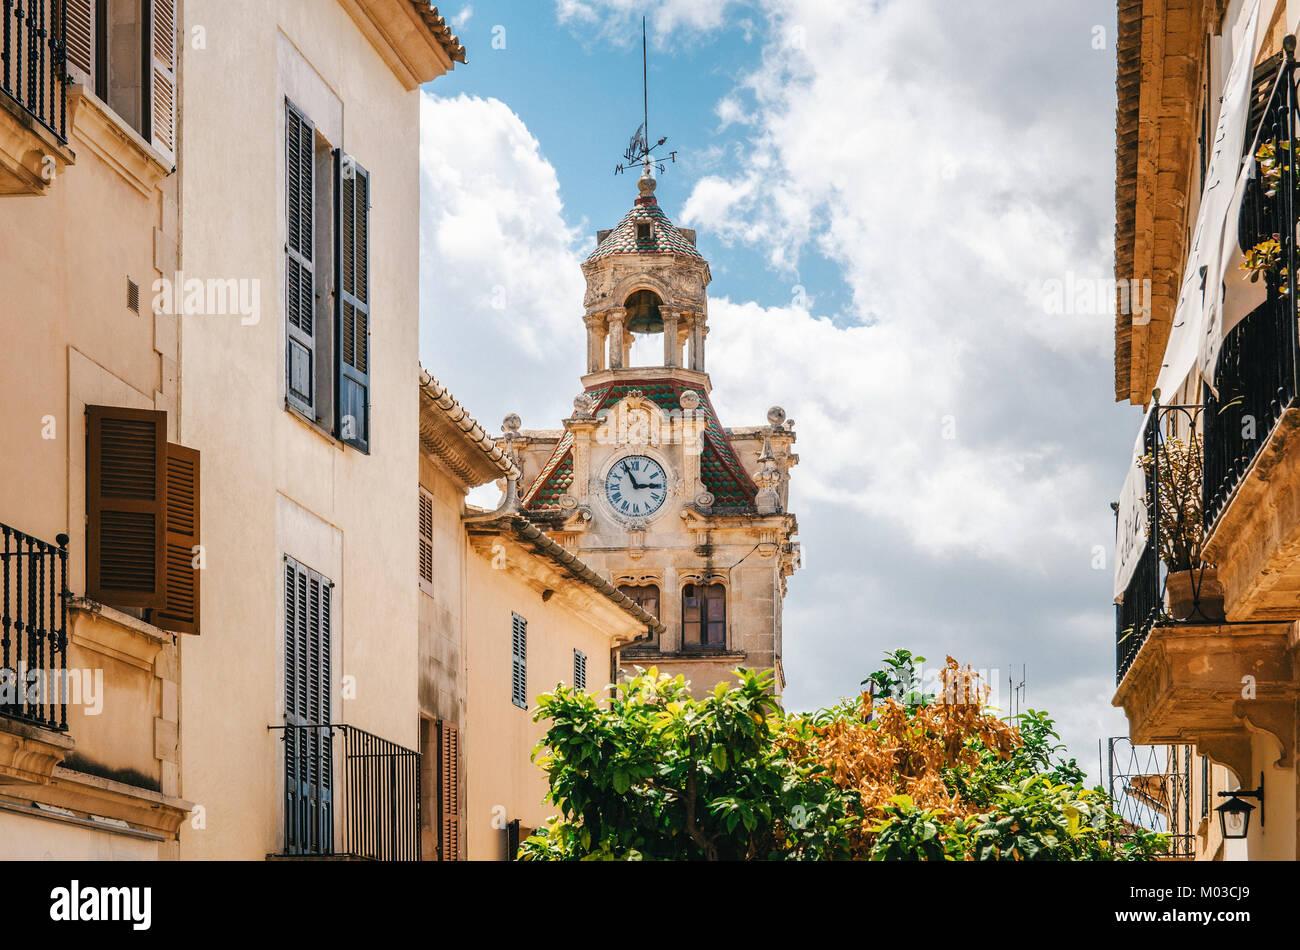 Architektur von Mallorca. Der Turm mit Uhr von Rathaus in der Altstadt von Alcudia, Mallorca, Balearen, Spanien Stockbild